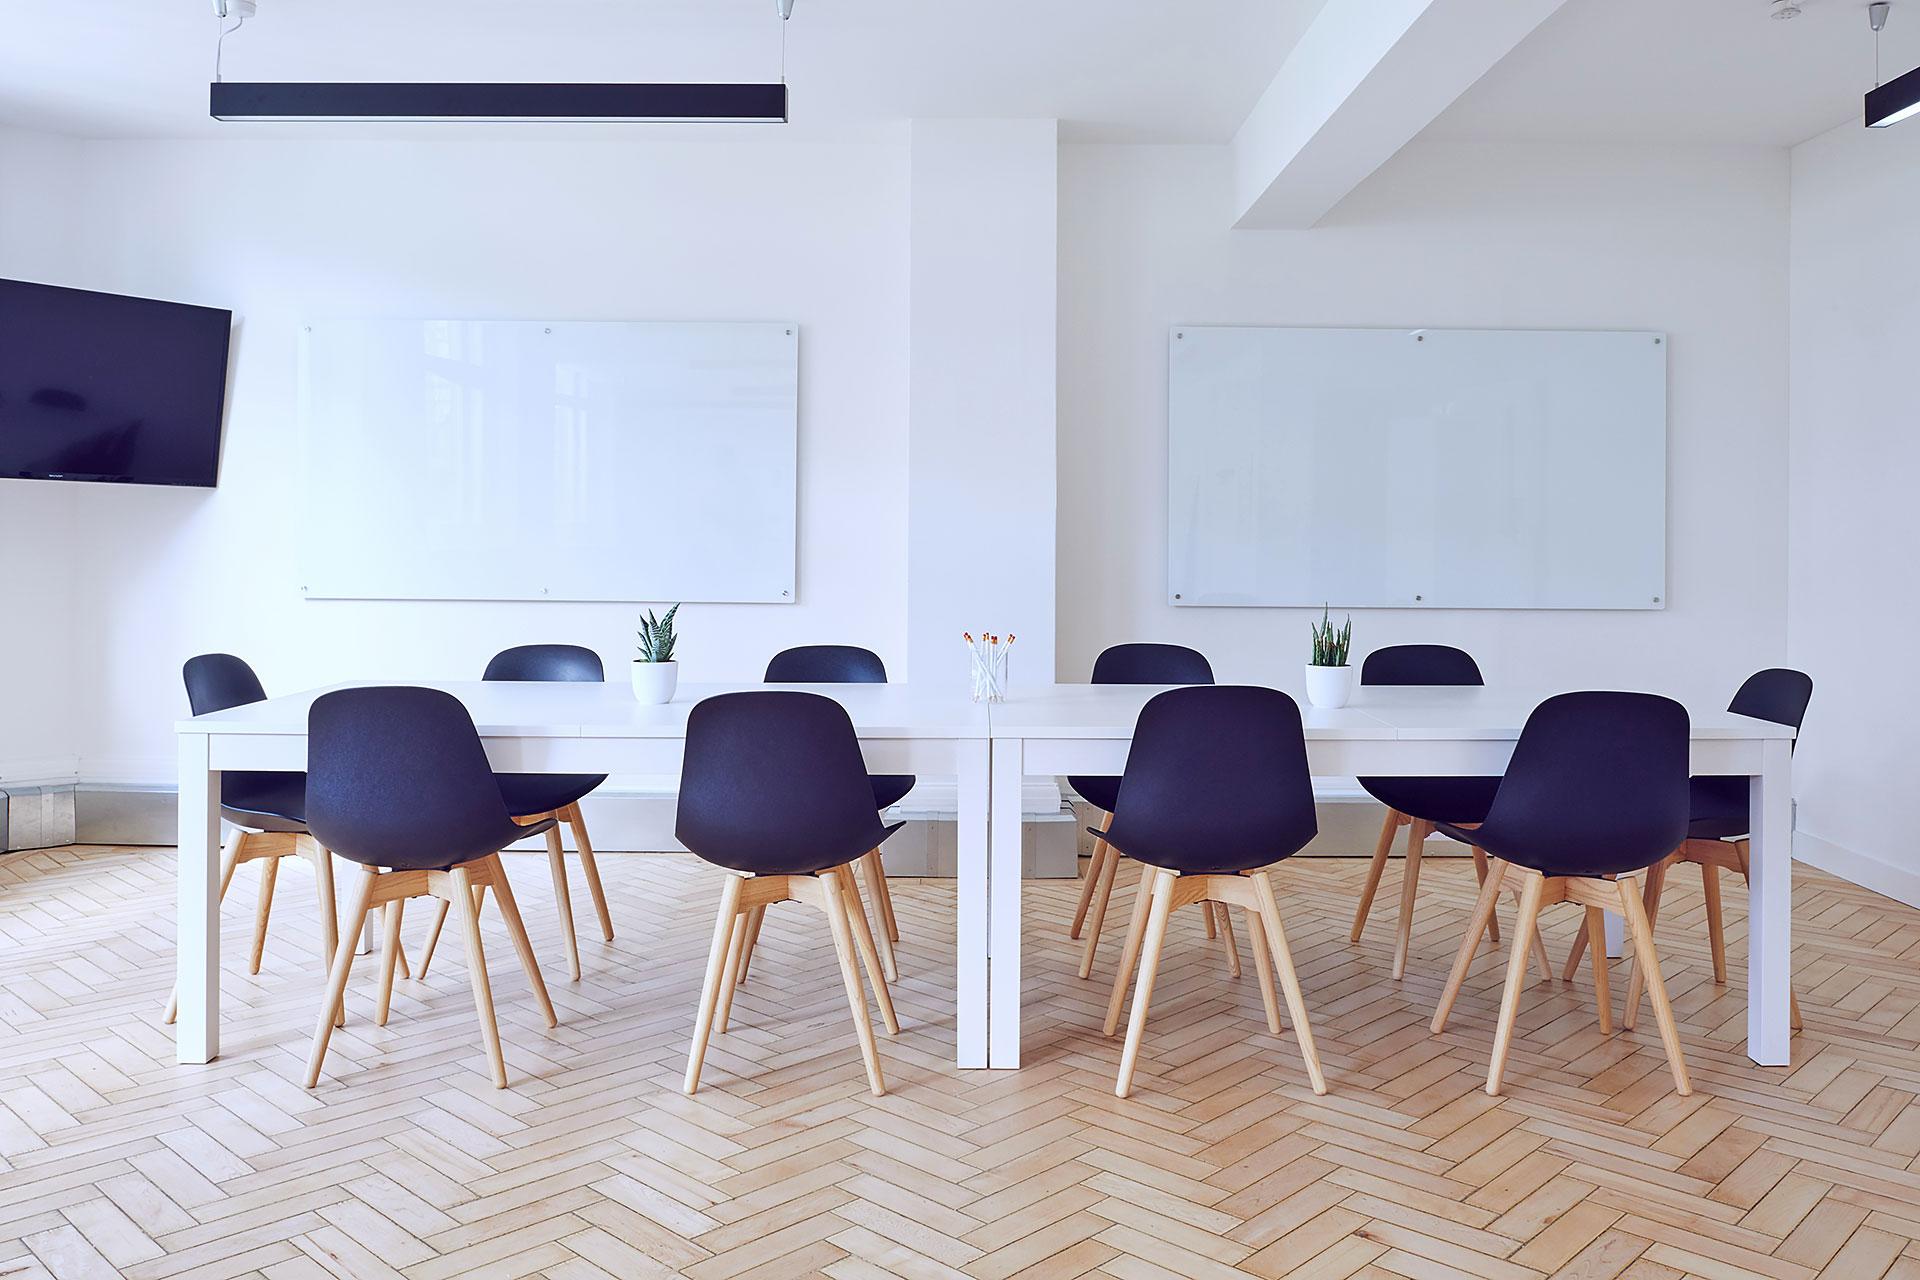 Blick in ein Konferenzzimmer mit einem langen Tisch mit zehn Stühlen